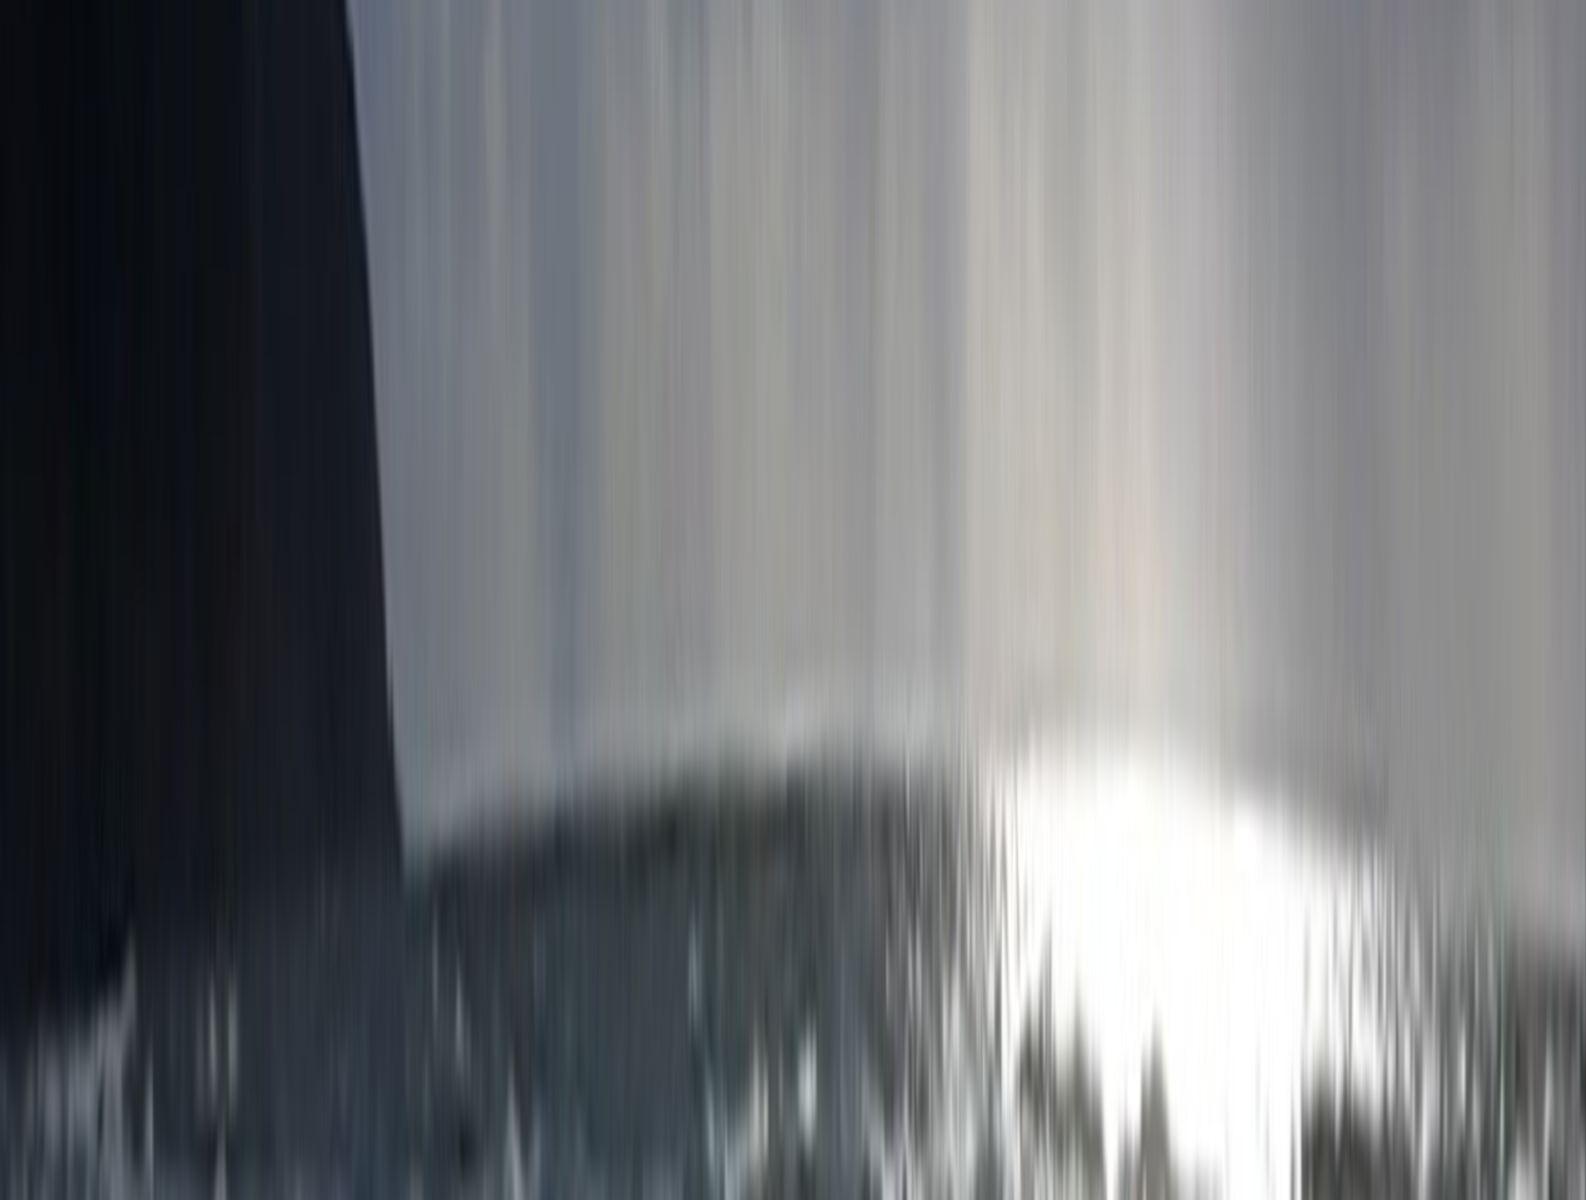 No Zoom stecjhed 40x.jpg